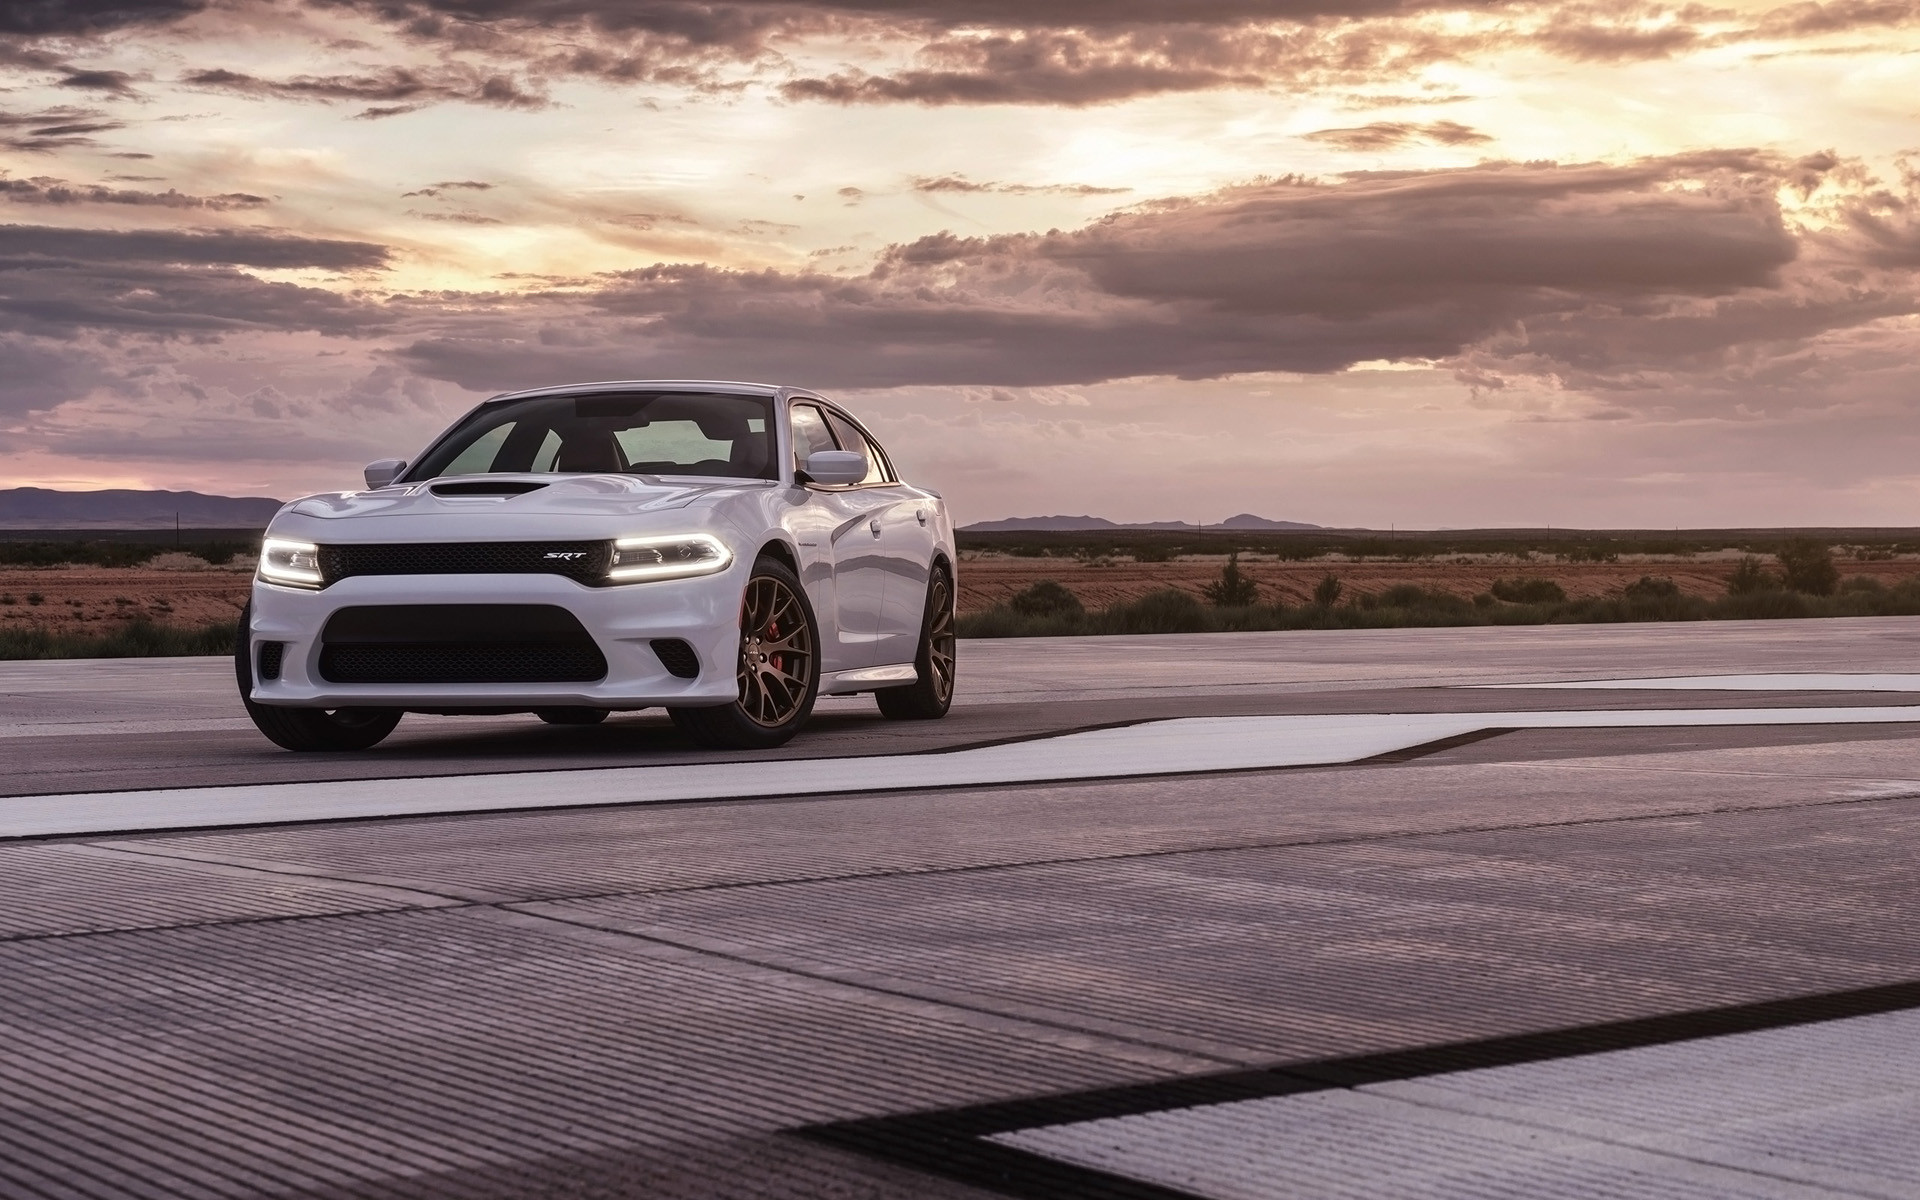 2015 Dodge Charger Srt Hellcat White Track 16 Wallpaper